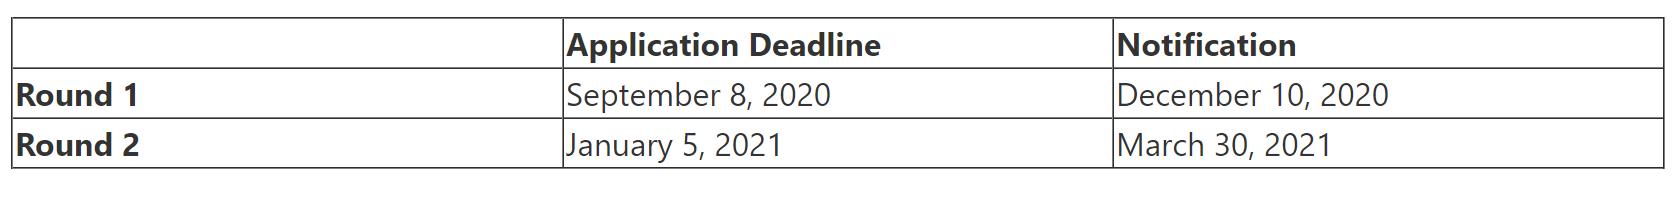 HBS Deadlines 2020-2021